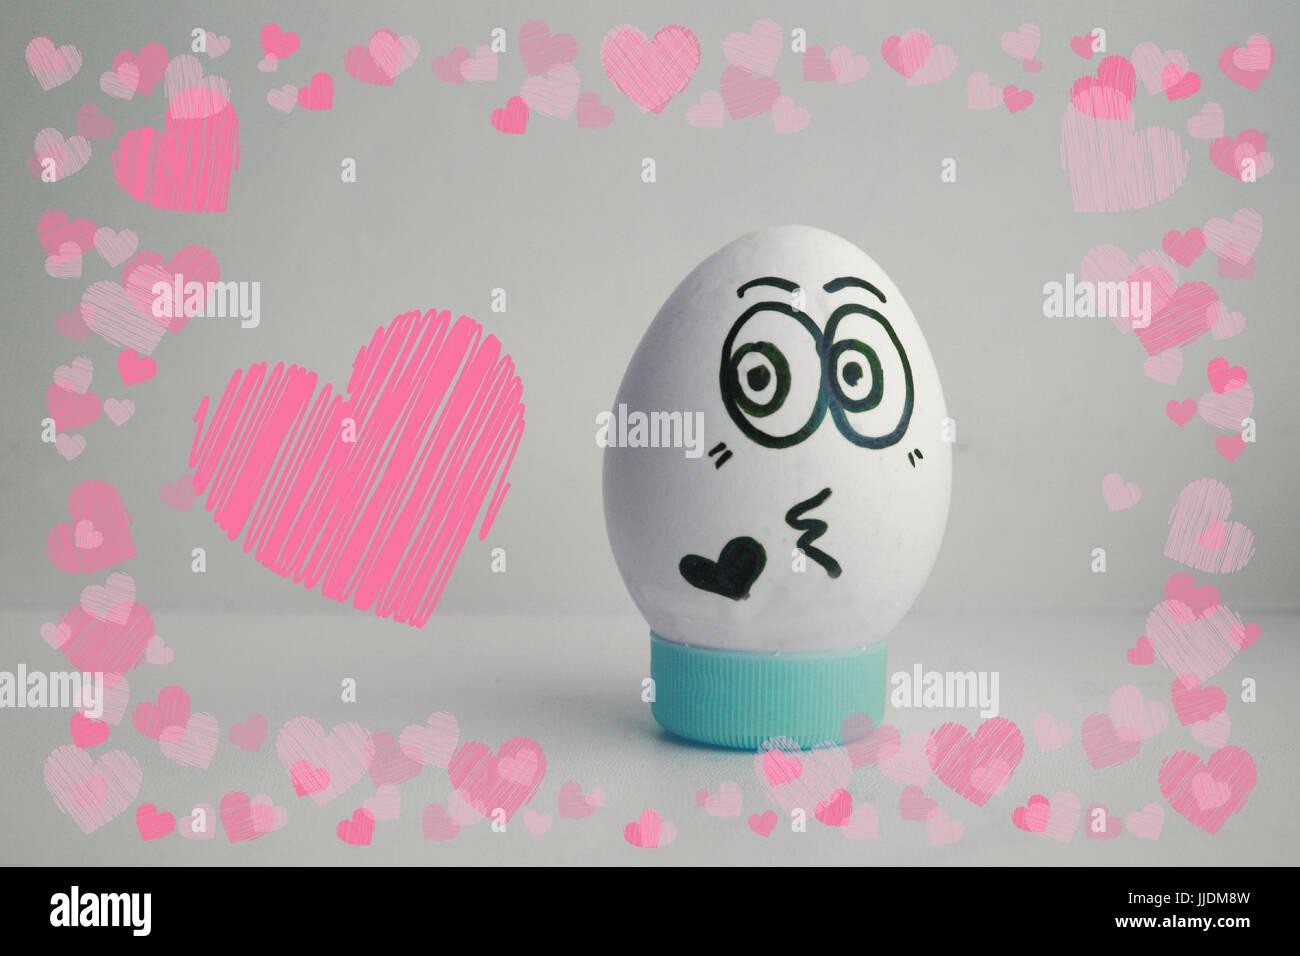 Das Ei ist lustig mit dem Gesicht auf dem Stand. Konzept: Liebe ...